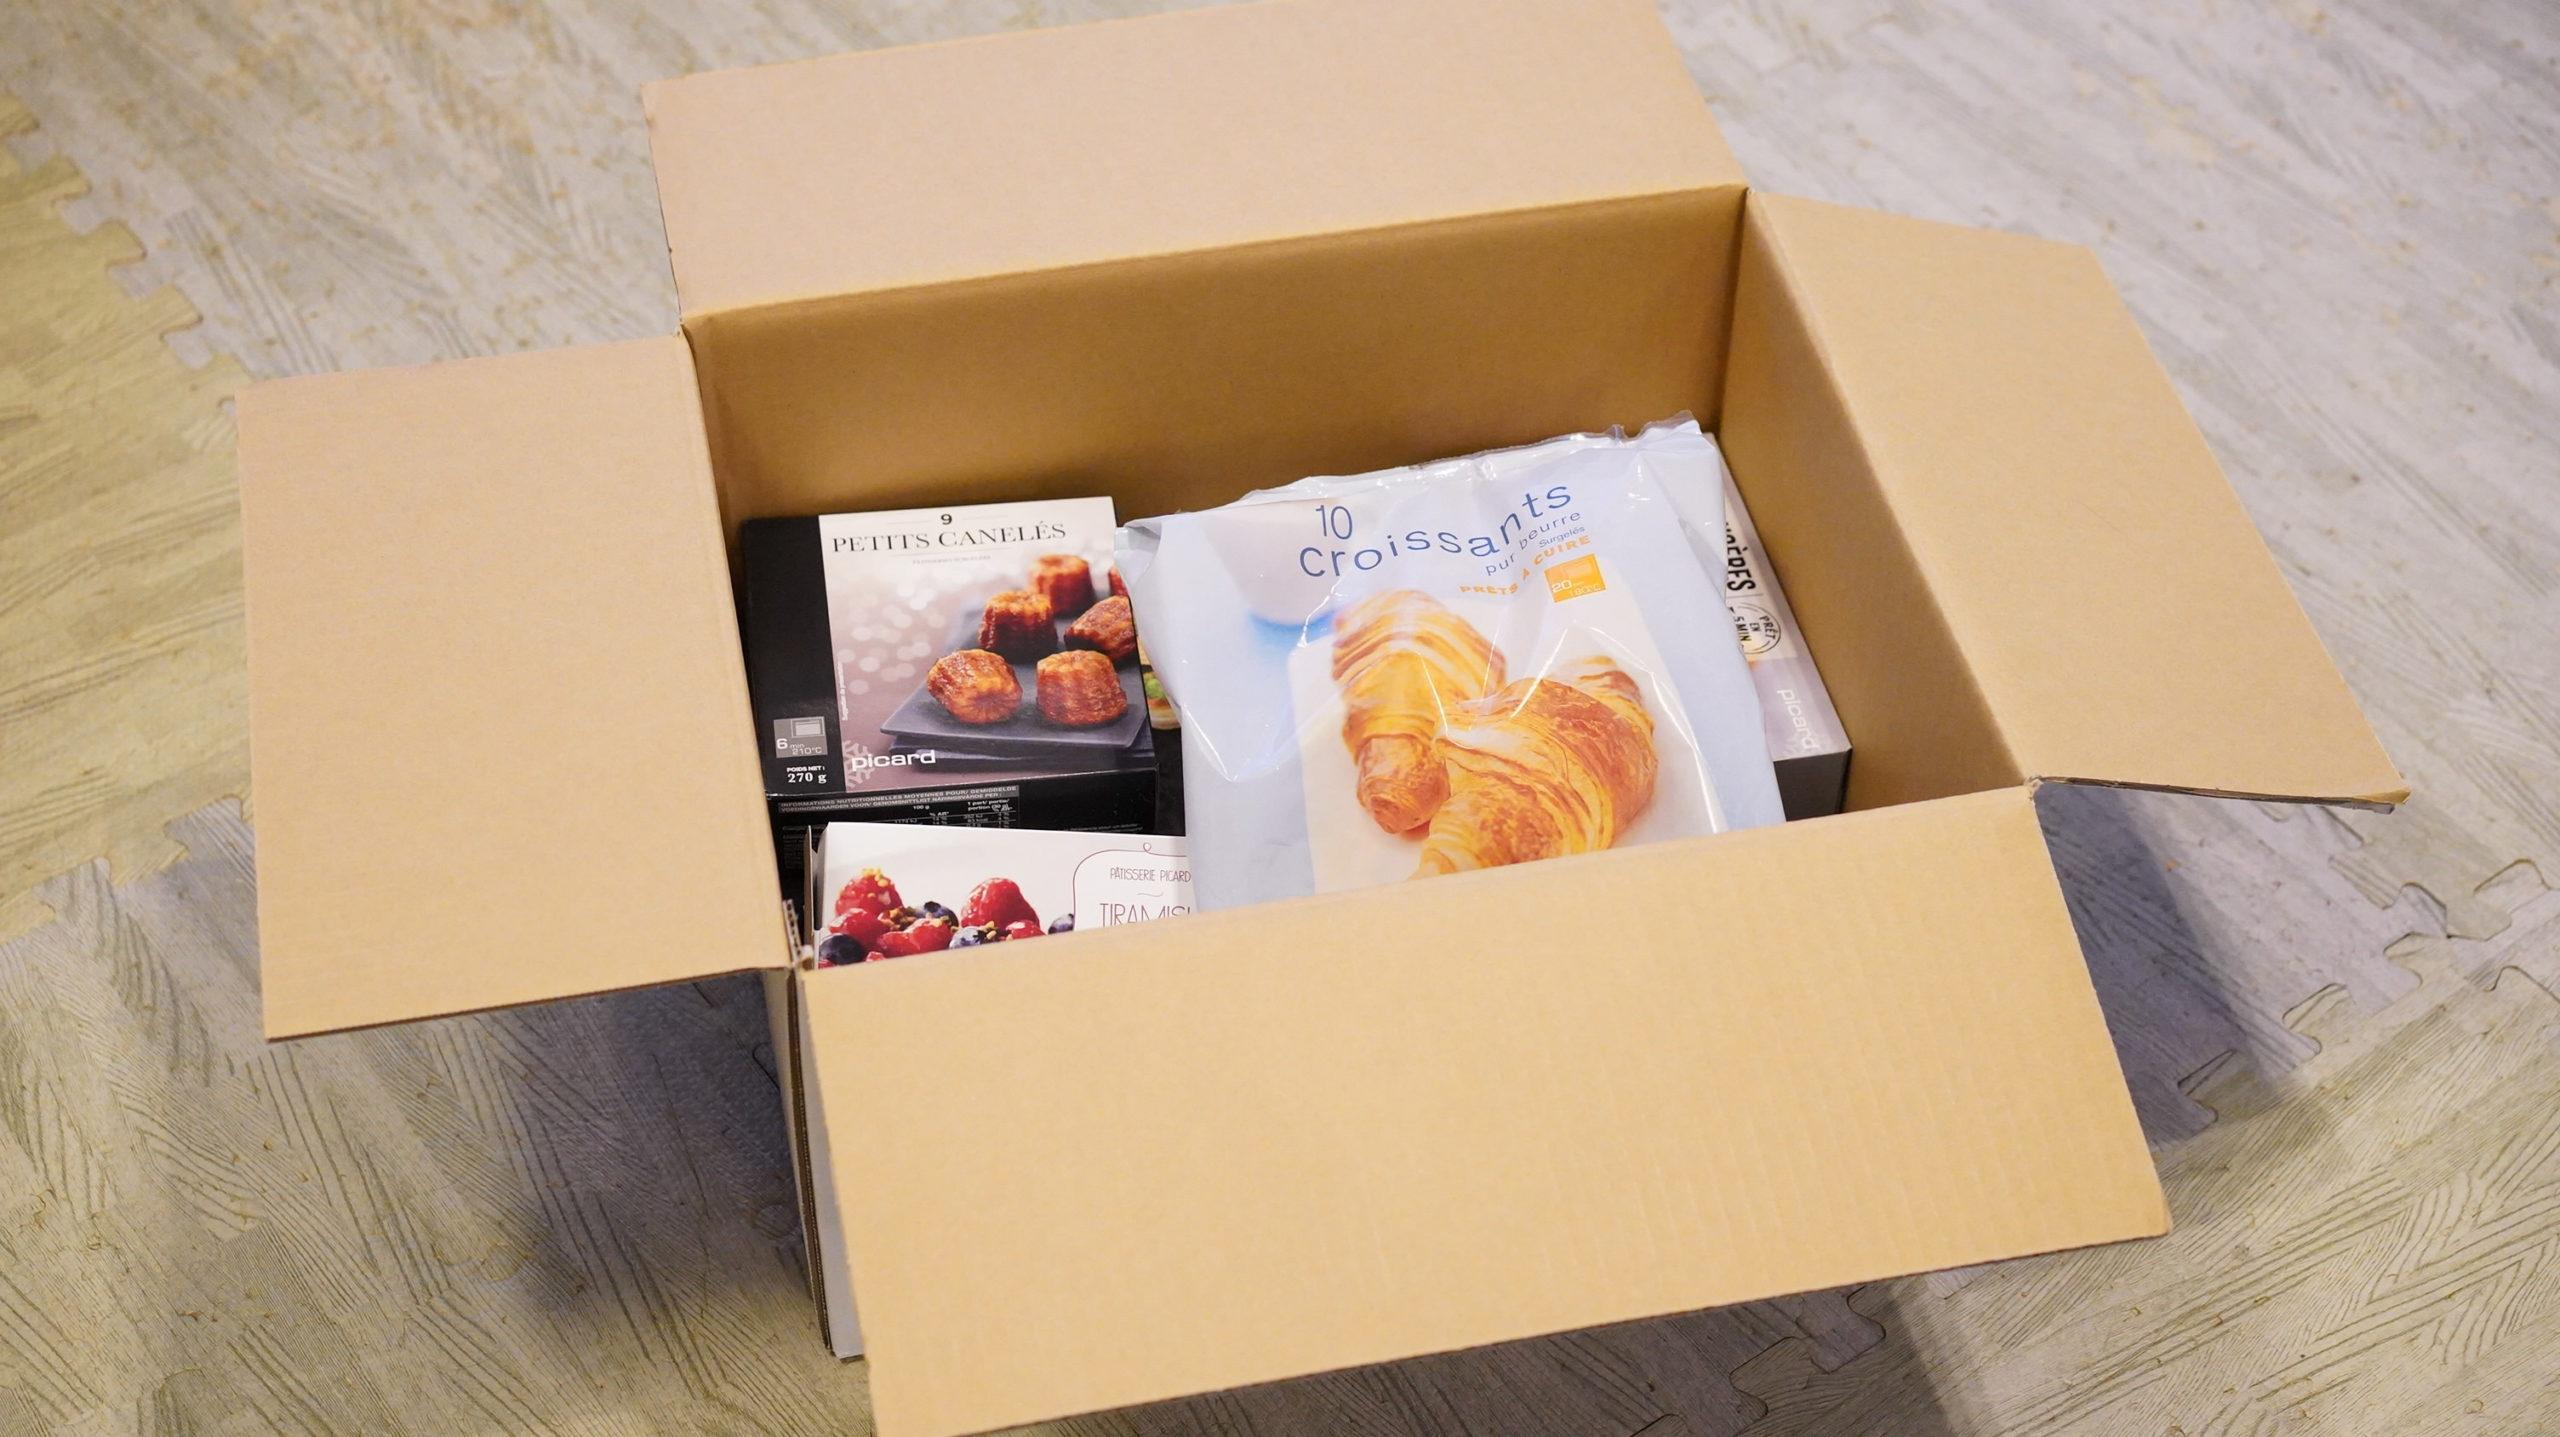 ピカール冷凍食品の送料(オンラインショップ通販で買う場合)2